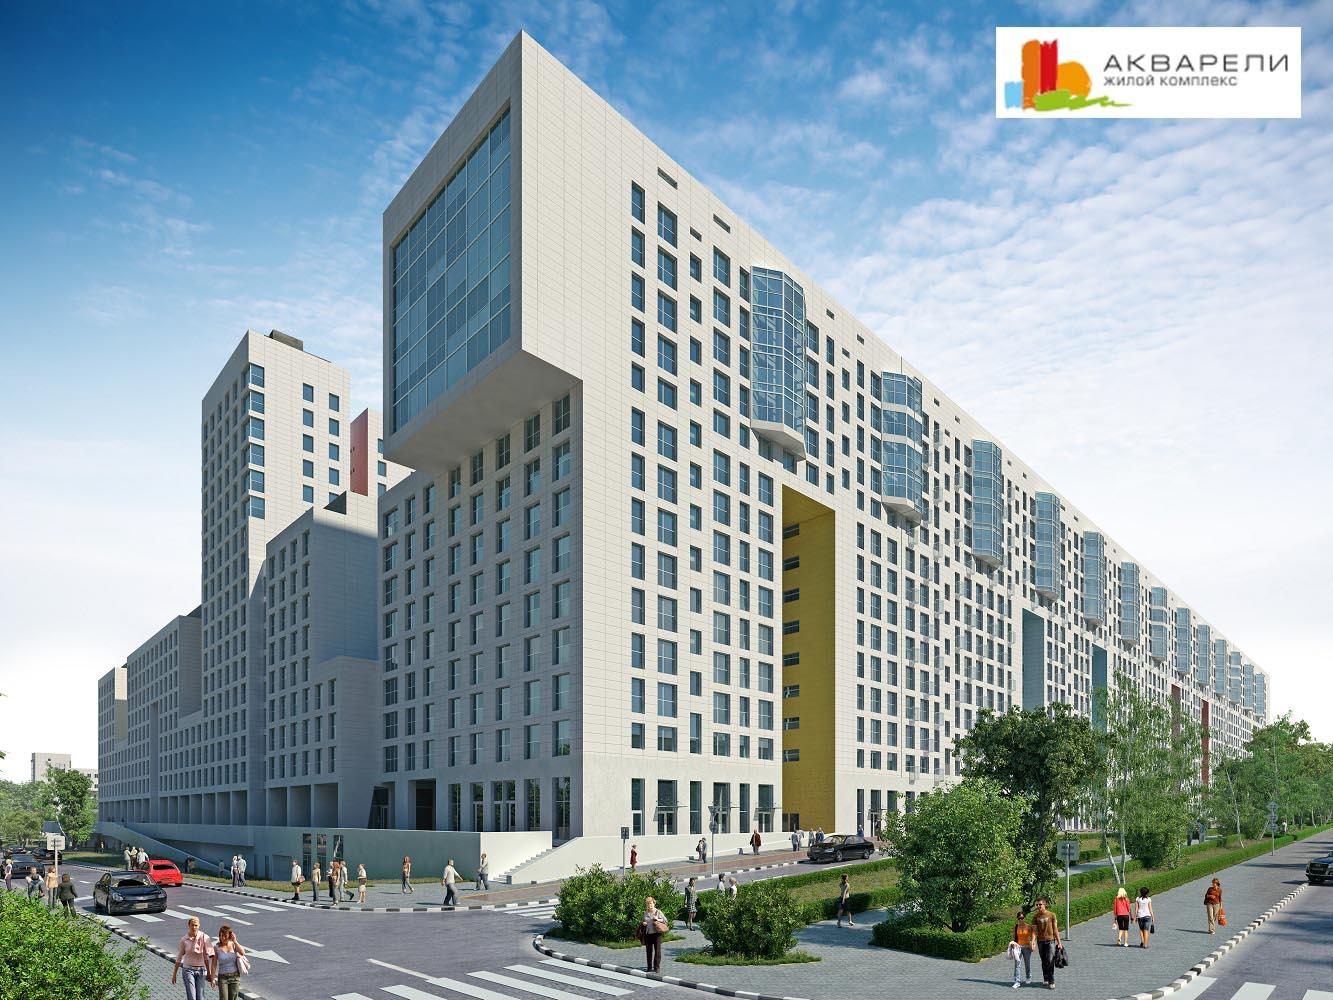 Купить квартиру в Балашихе в Подмосковье. Новостройка ЖК «Акварели»